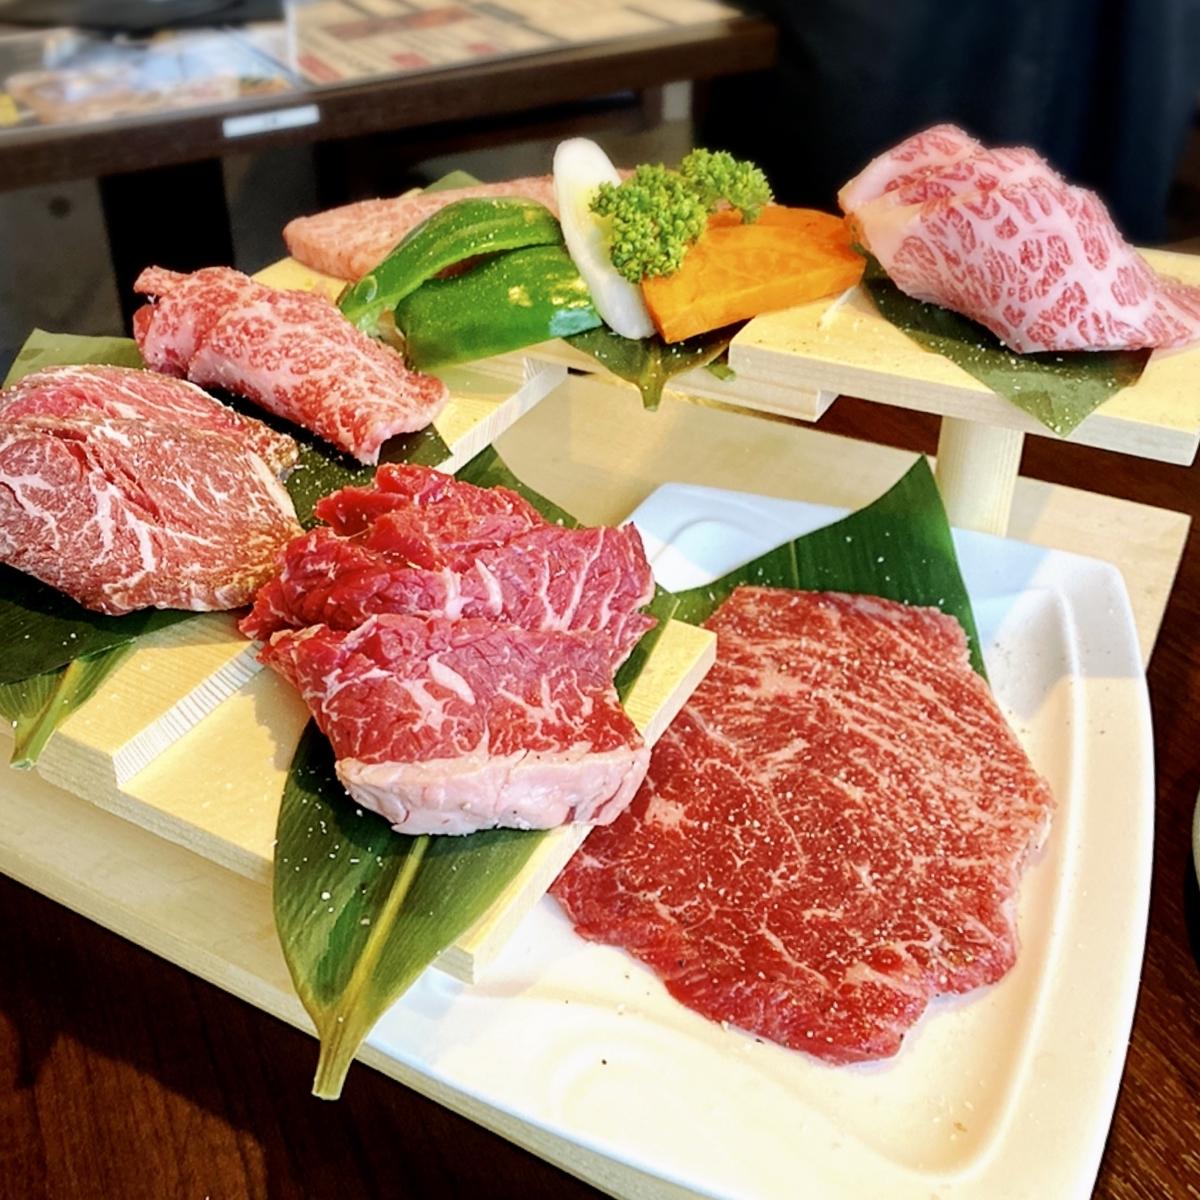 「犇一(ひしいち)」は新宿で5000円以下で美味しい焼肉を堪能したい方にピッタリの焼肉屋